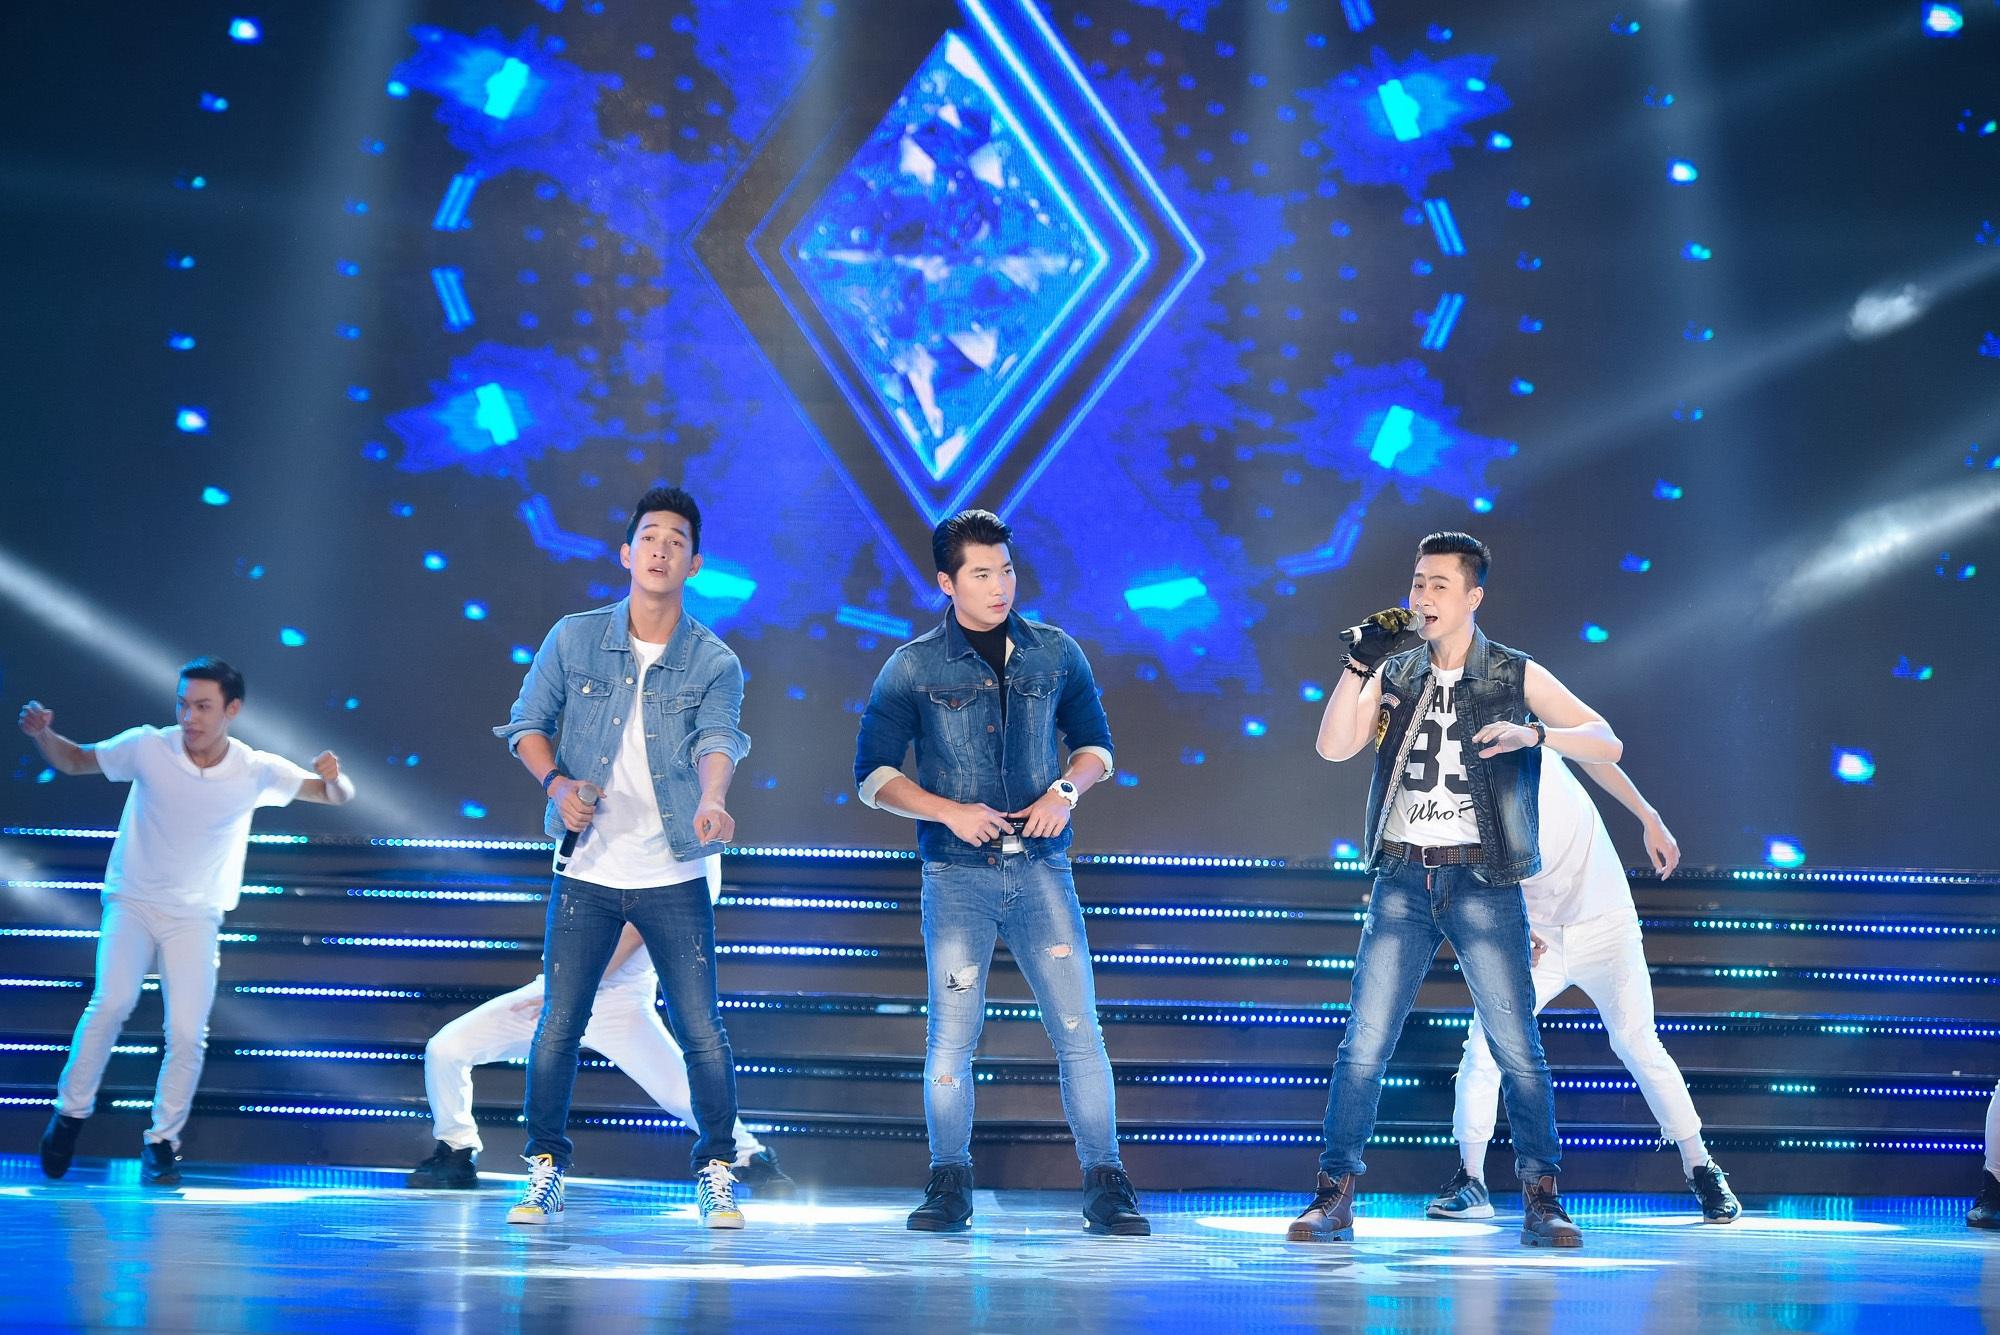 3 nghệ sĩ Trương Nam Thành, Song Luân và Tùng Lâm kết hợp biểu diễn trong phần thi áo tắm của các thí sinh.